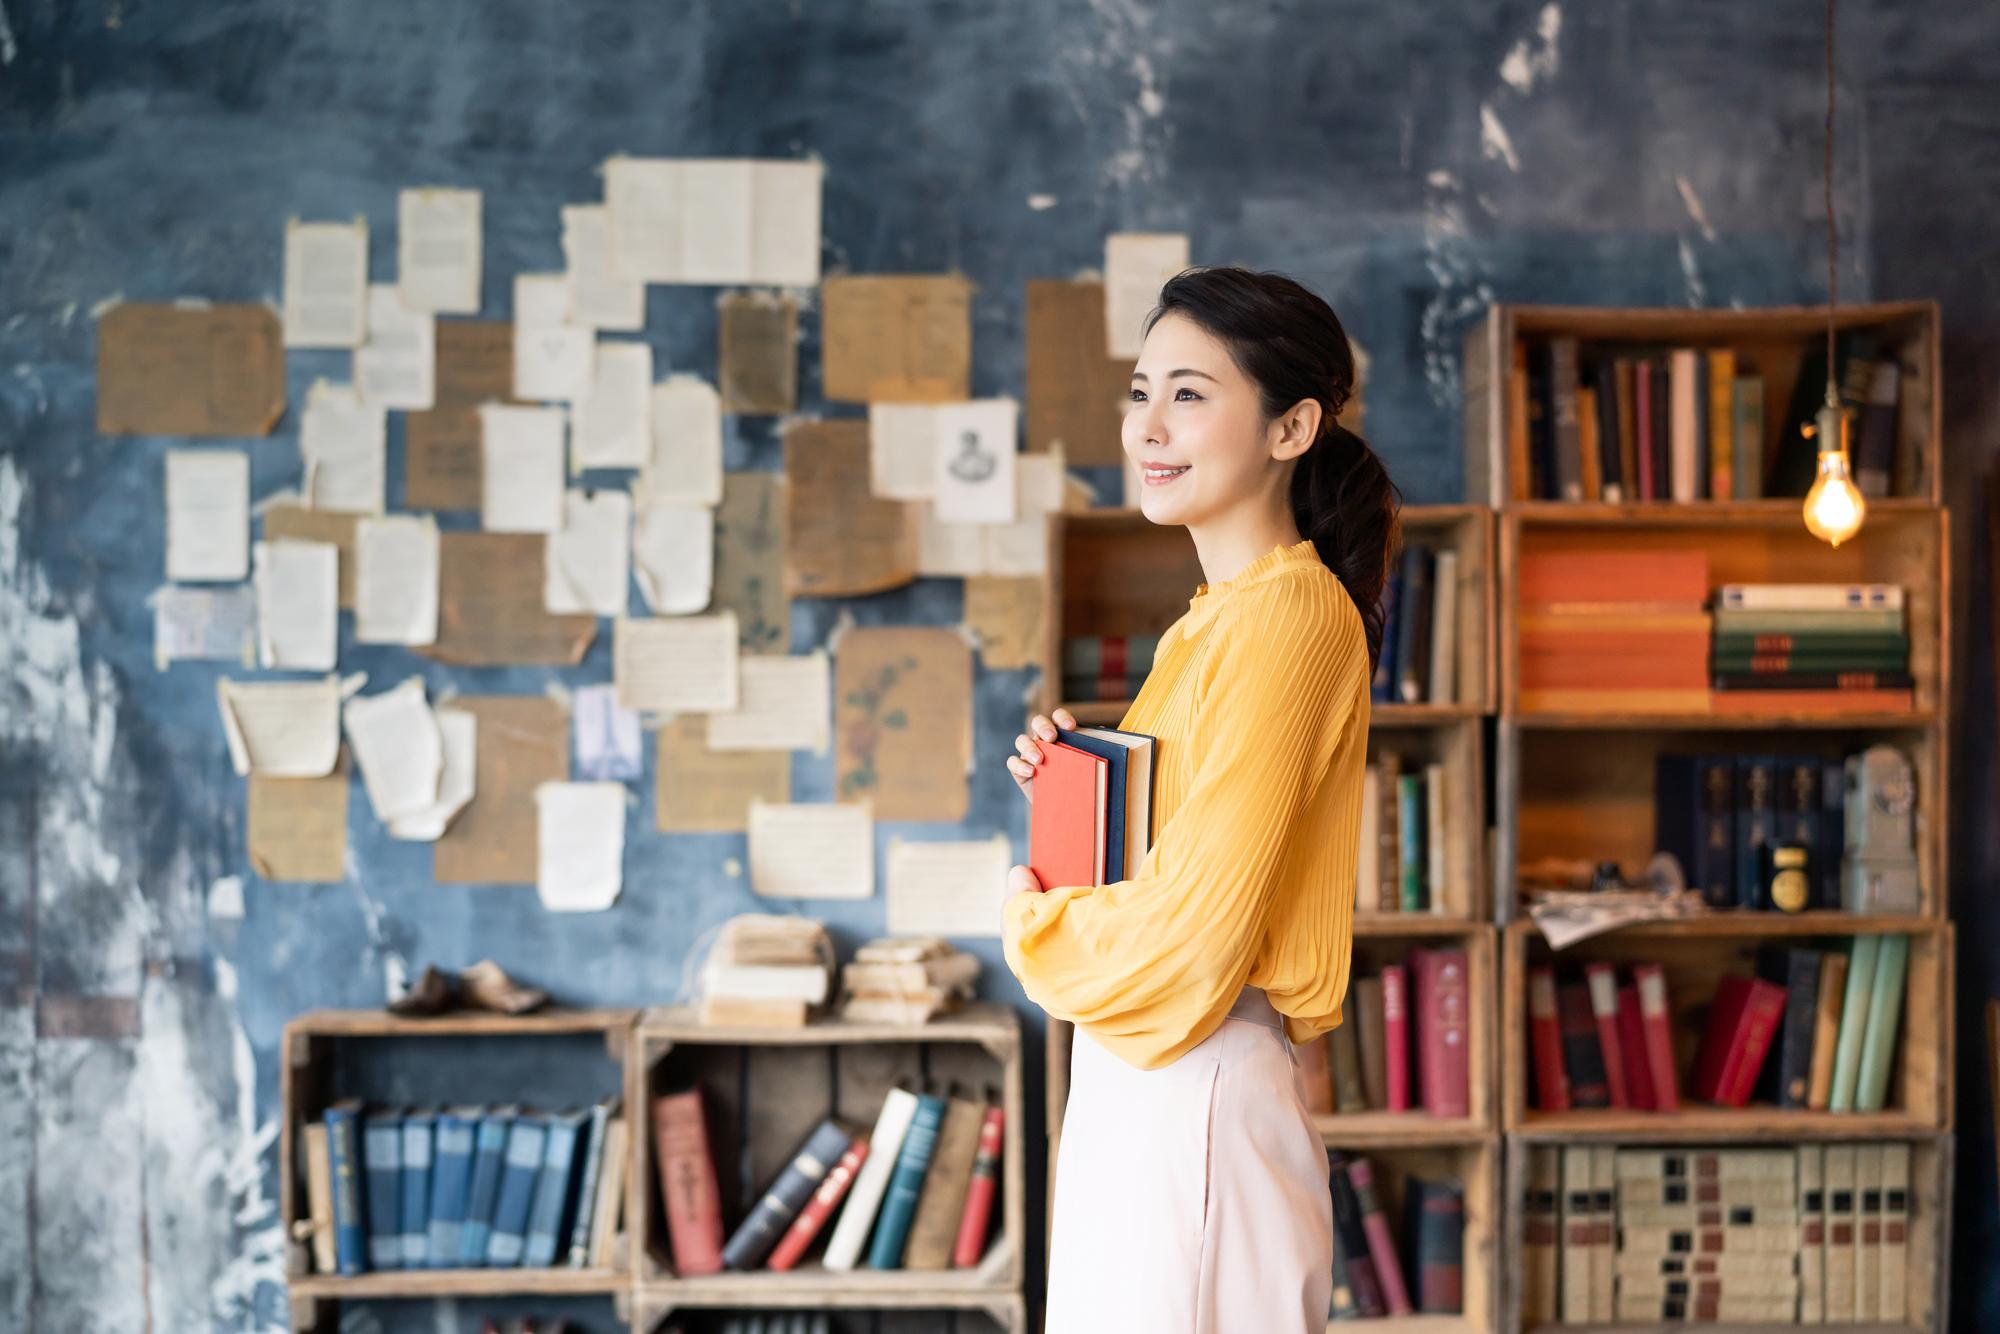 女性がインフラエンジニアになることのメリット6つ!需要についても解説のアイキャッチイメージ